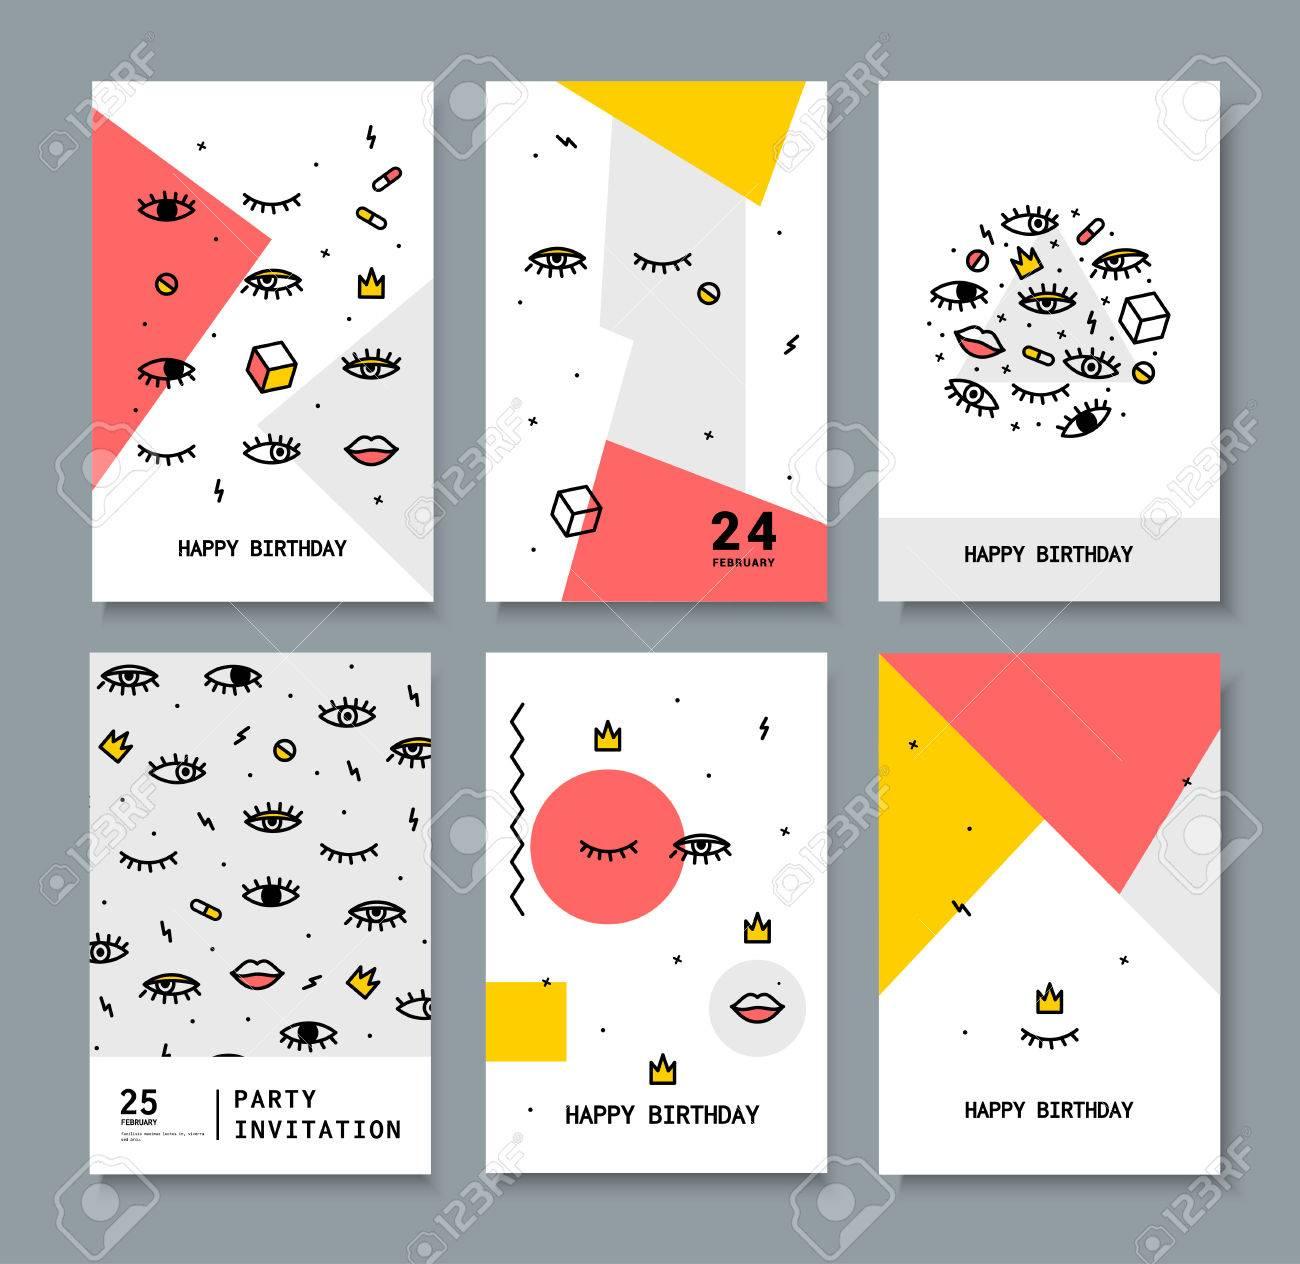 Un Conjunto De Tarjetas Para El Día De Fiesta Tarjetas Con Elementos De Diseño De Los Años 80 Ojos Brillantes Y Los Labios Para Imprimir Sobre Tela